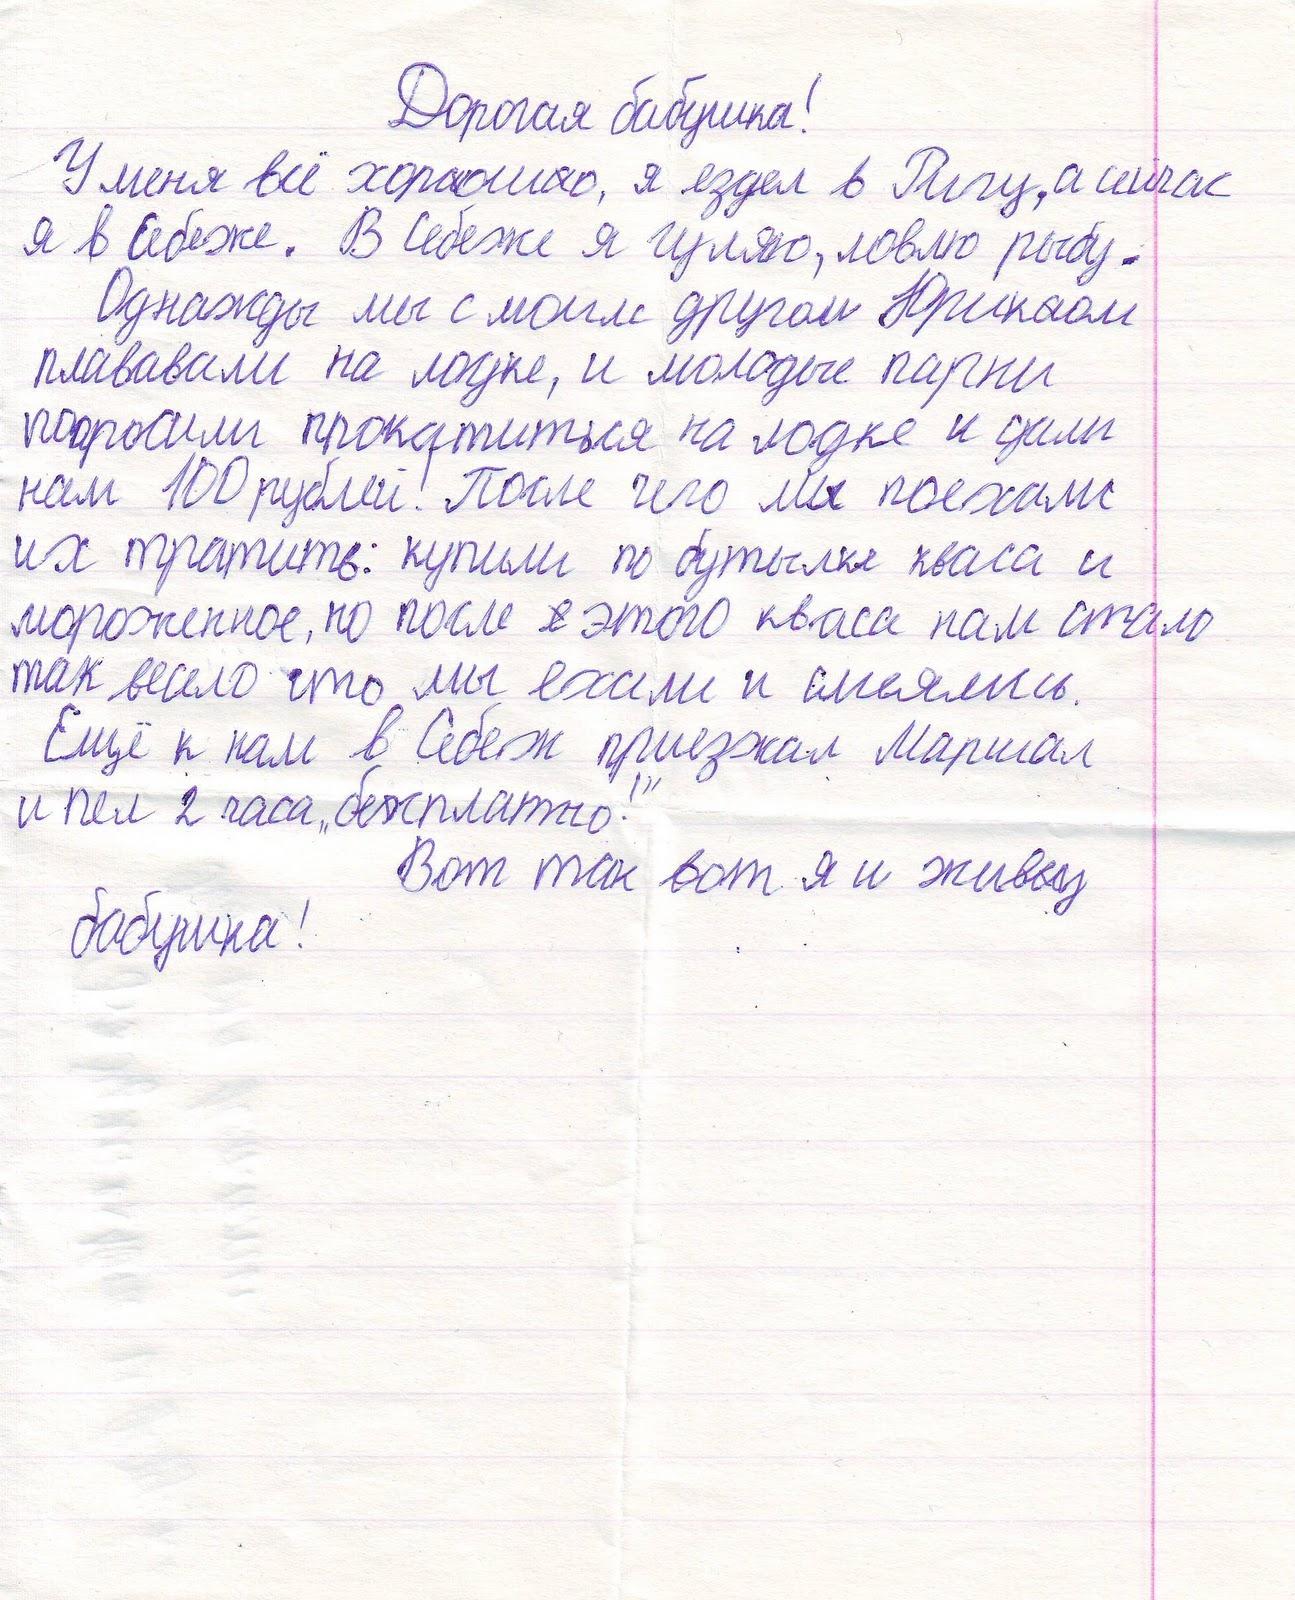 рассылочное письмо для сайта знакомств